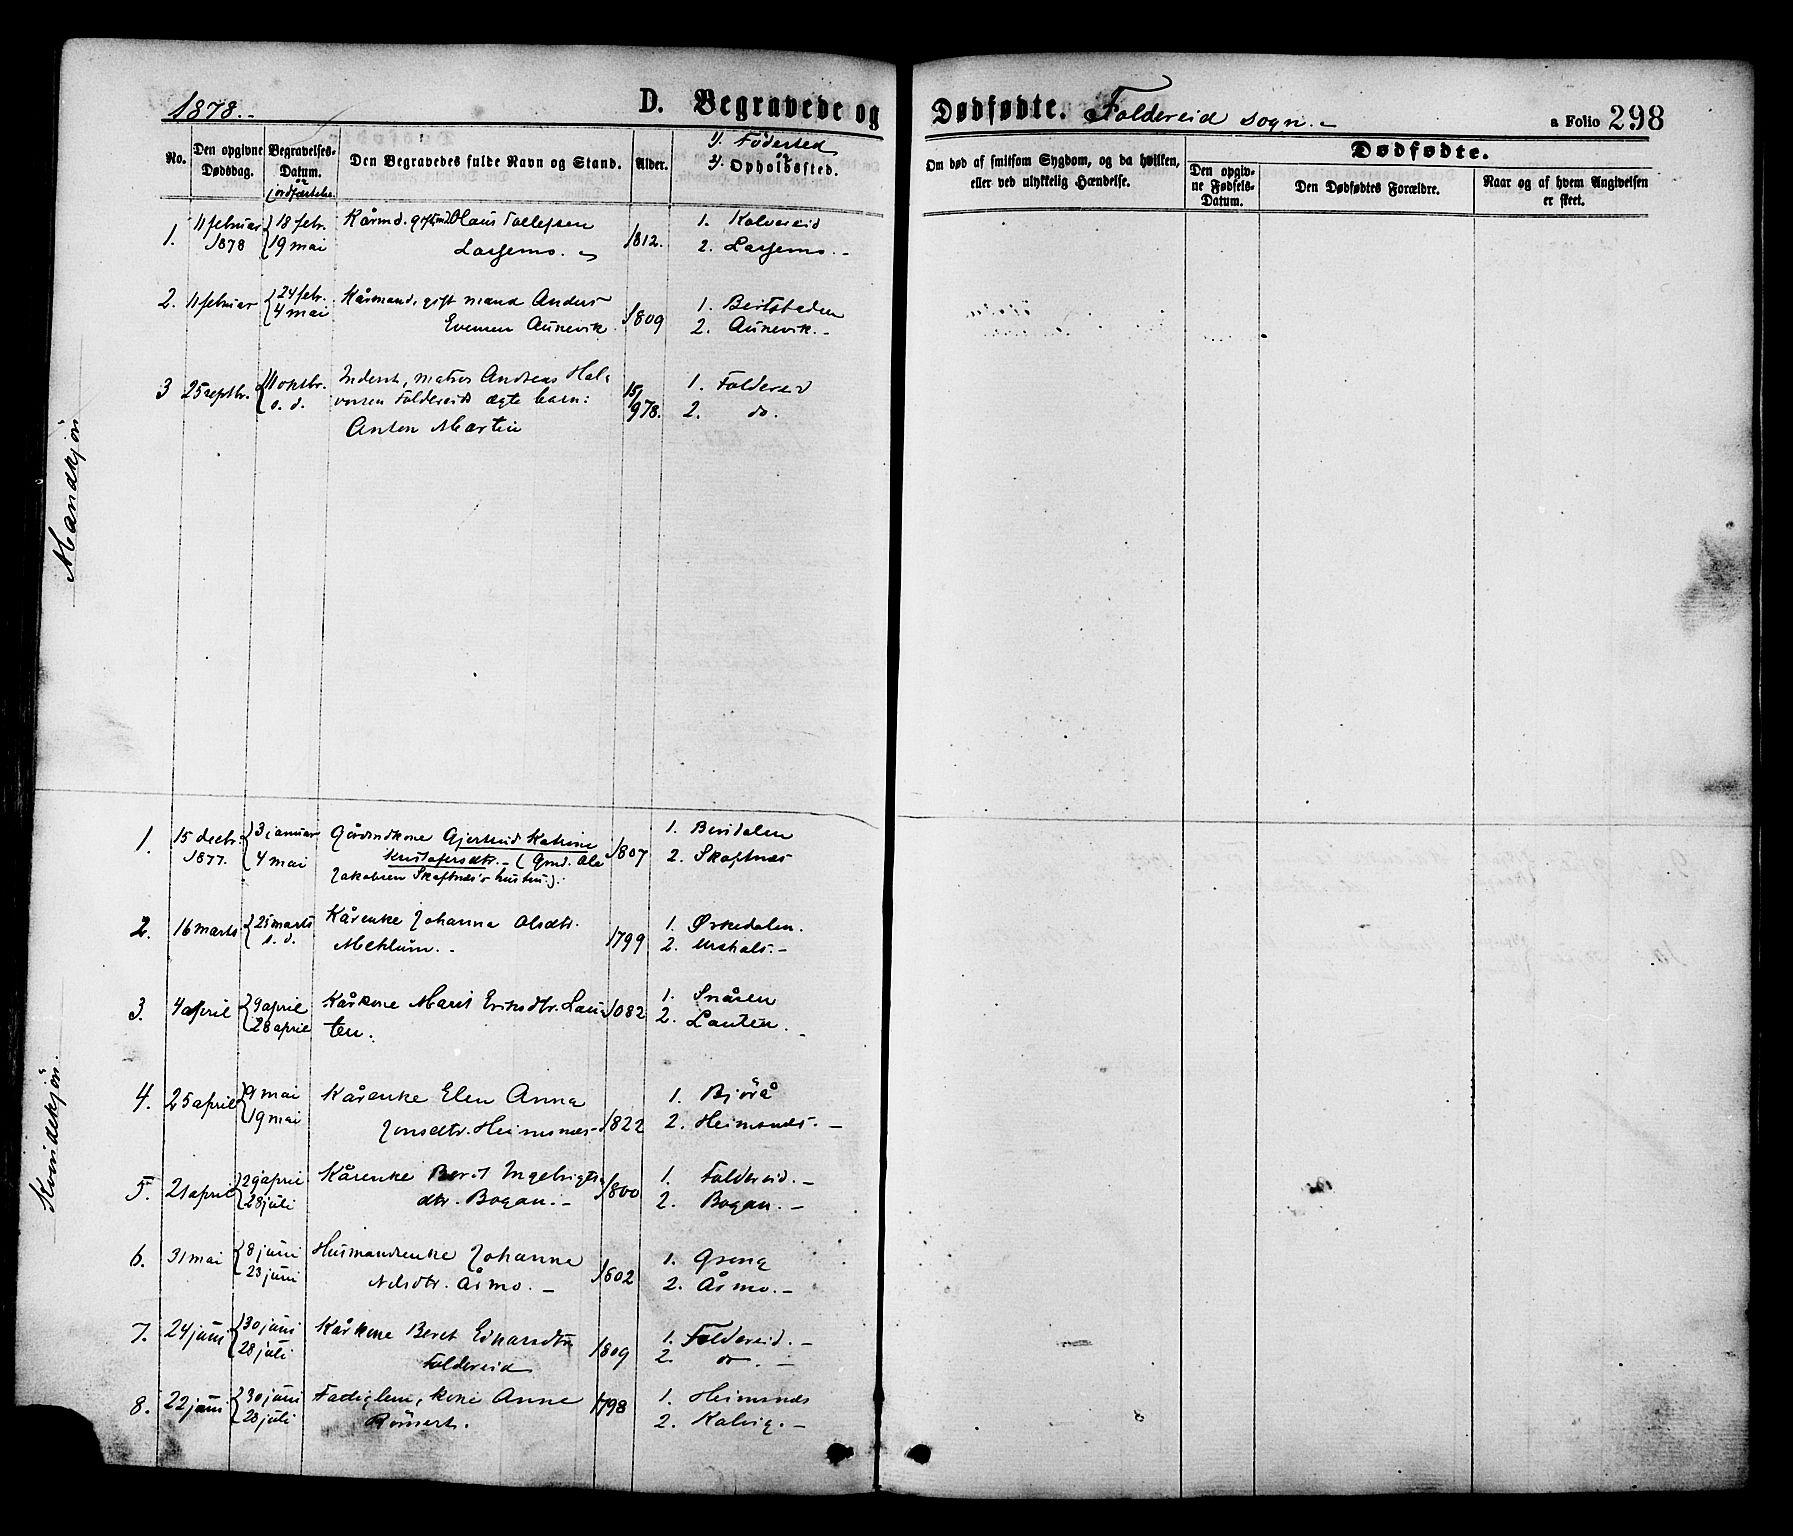 SAT, Ministerialprotokoller, klokkerbøker og fødselsregistre - Nord-Trøndelag, 780/L0642: Ministerialbok nr. 780A07 /2, 1878-1885, s. 298